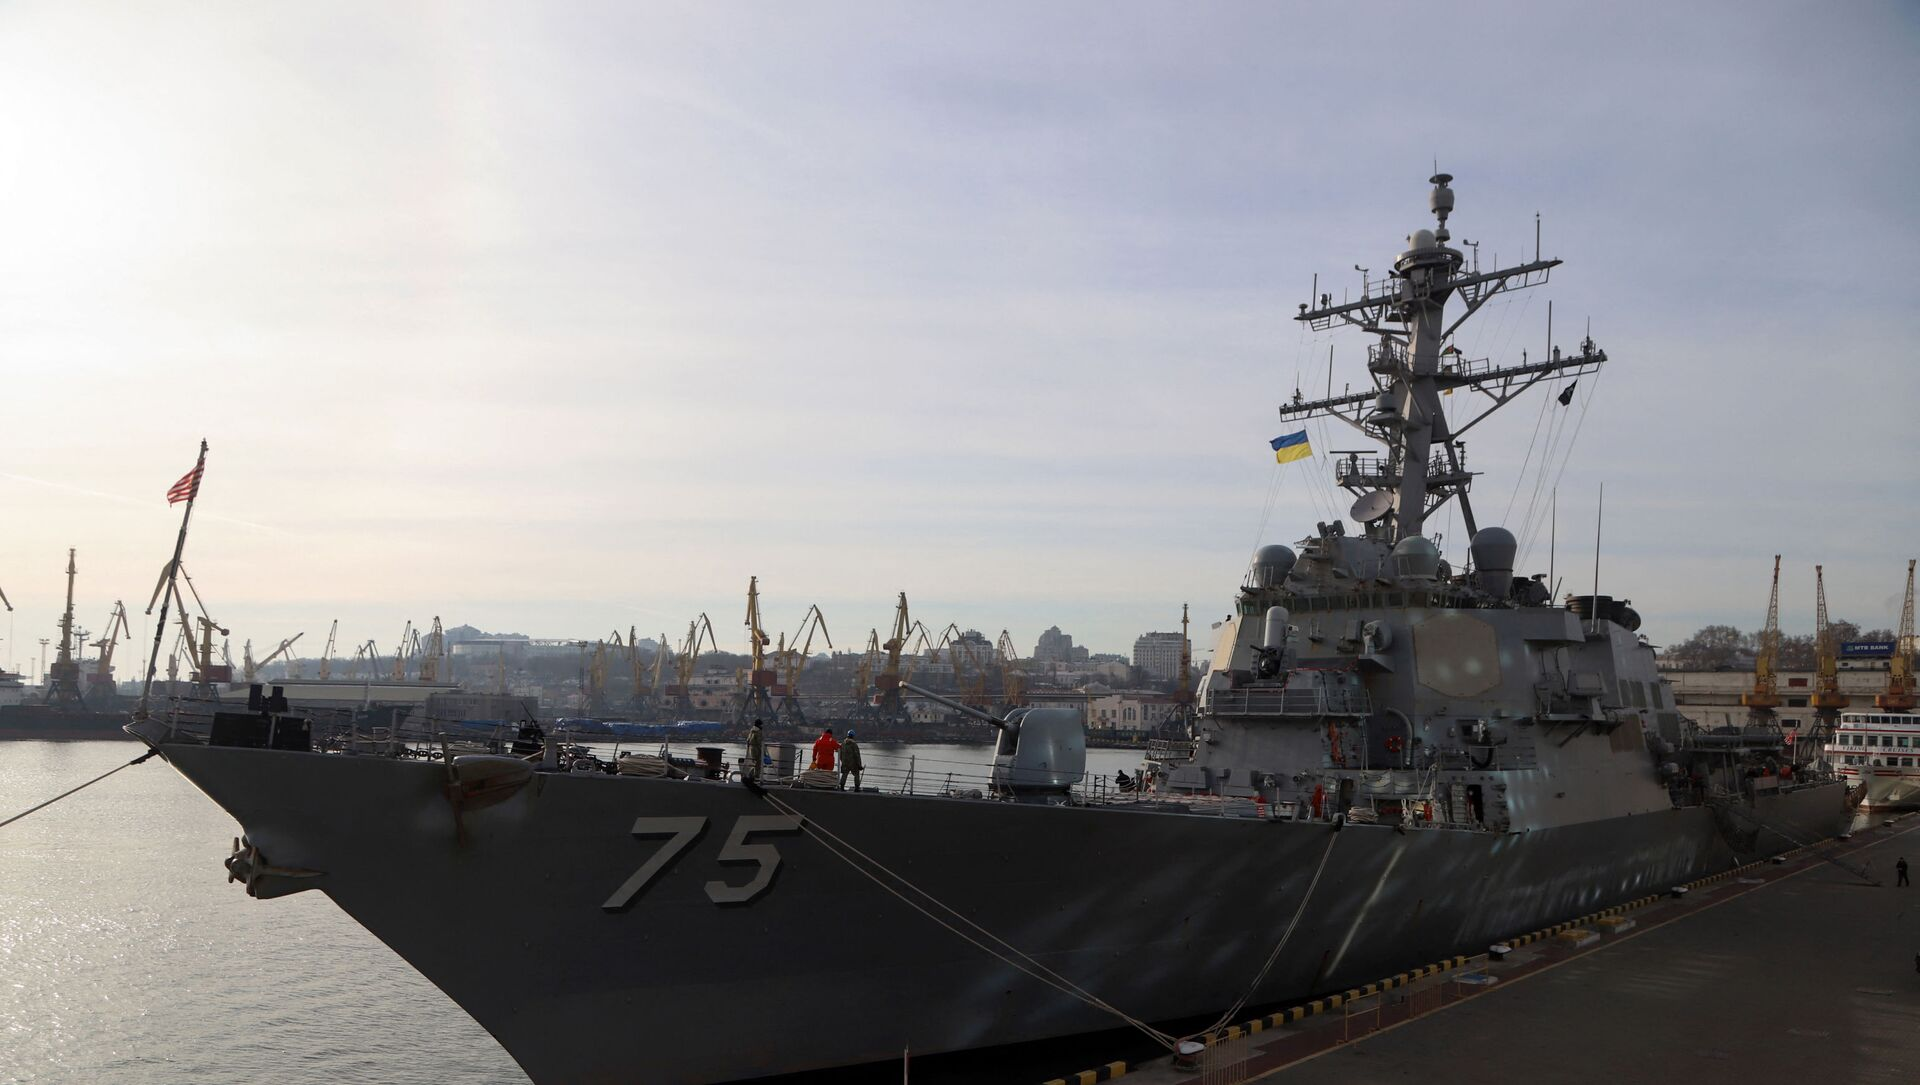 Ukrayna donanması, Karadeniz'de NATO gemileriyle tatbikat yaptı - Sputnik Türkiye, 1920, 05.08.2021